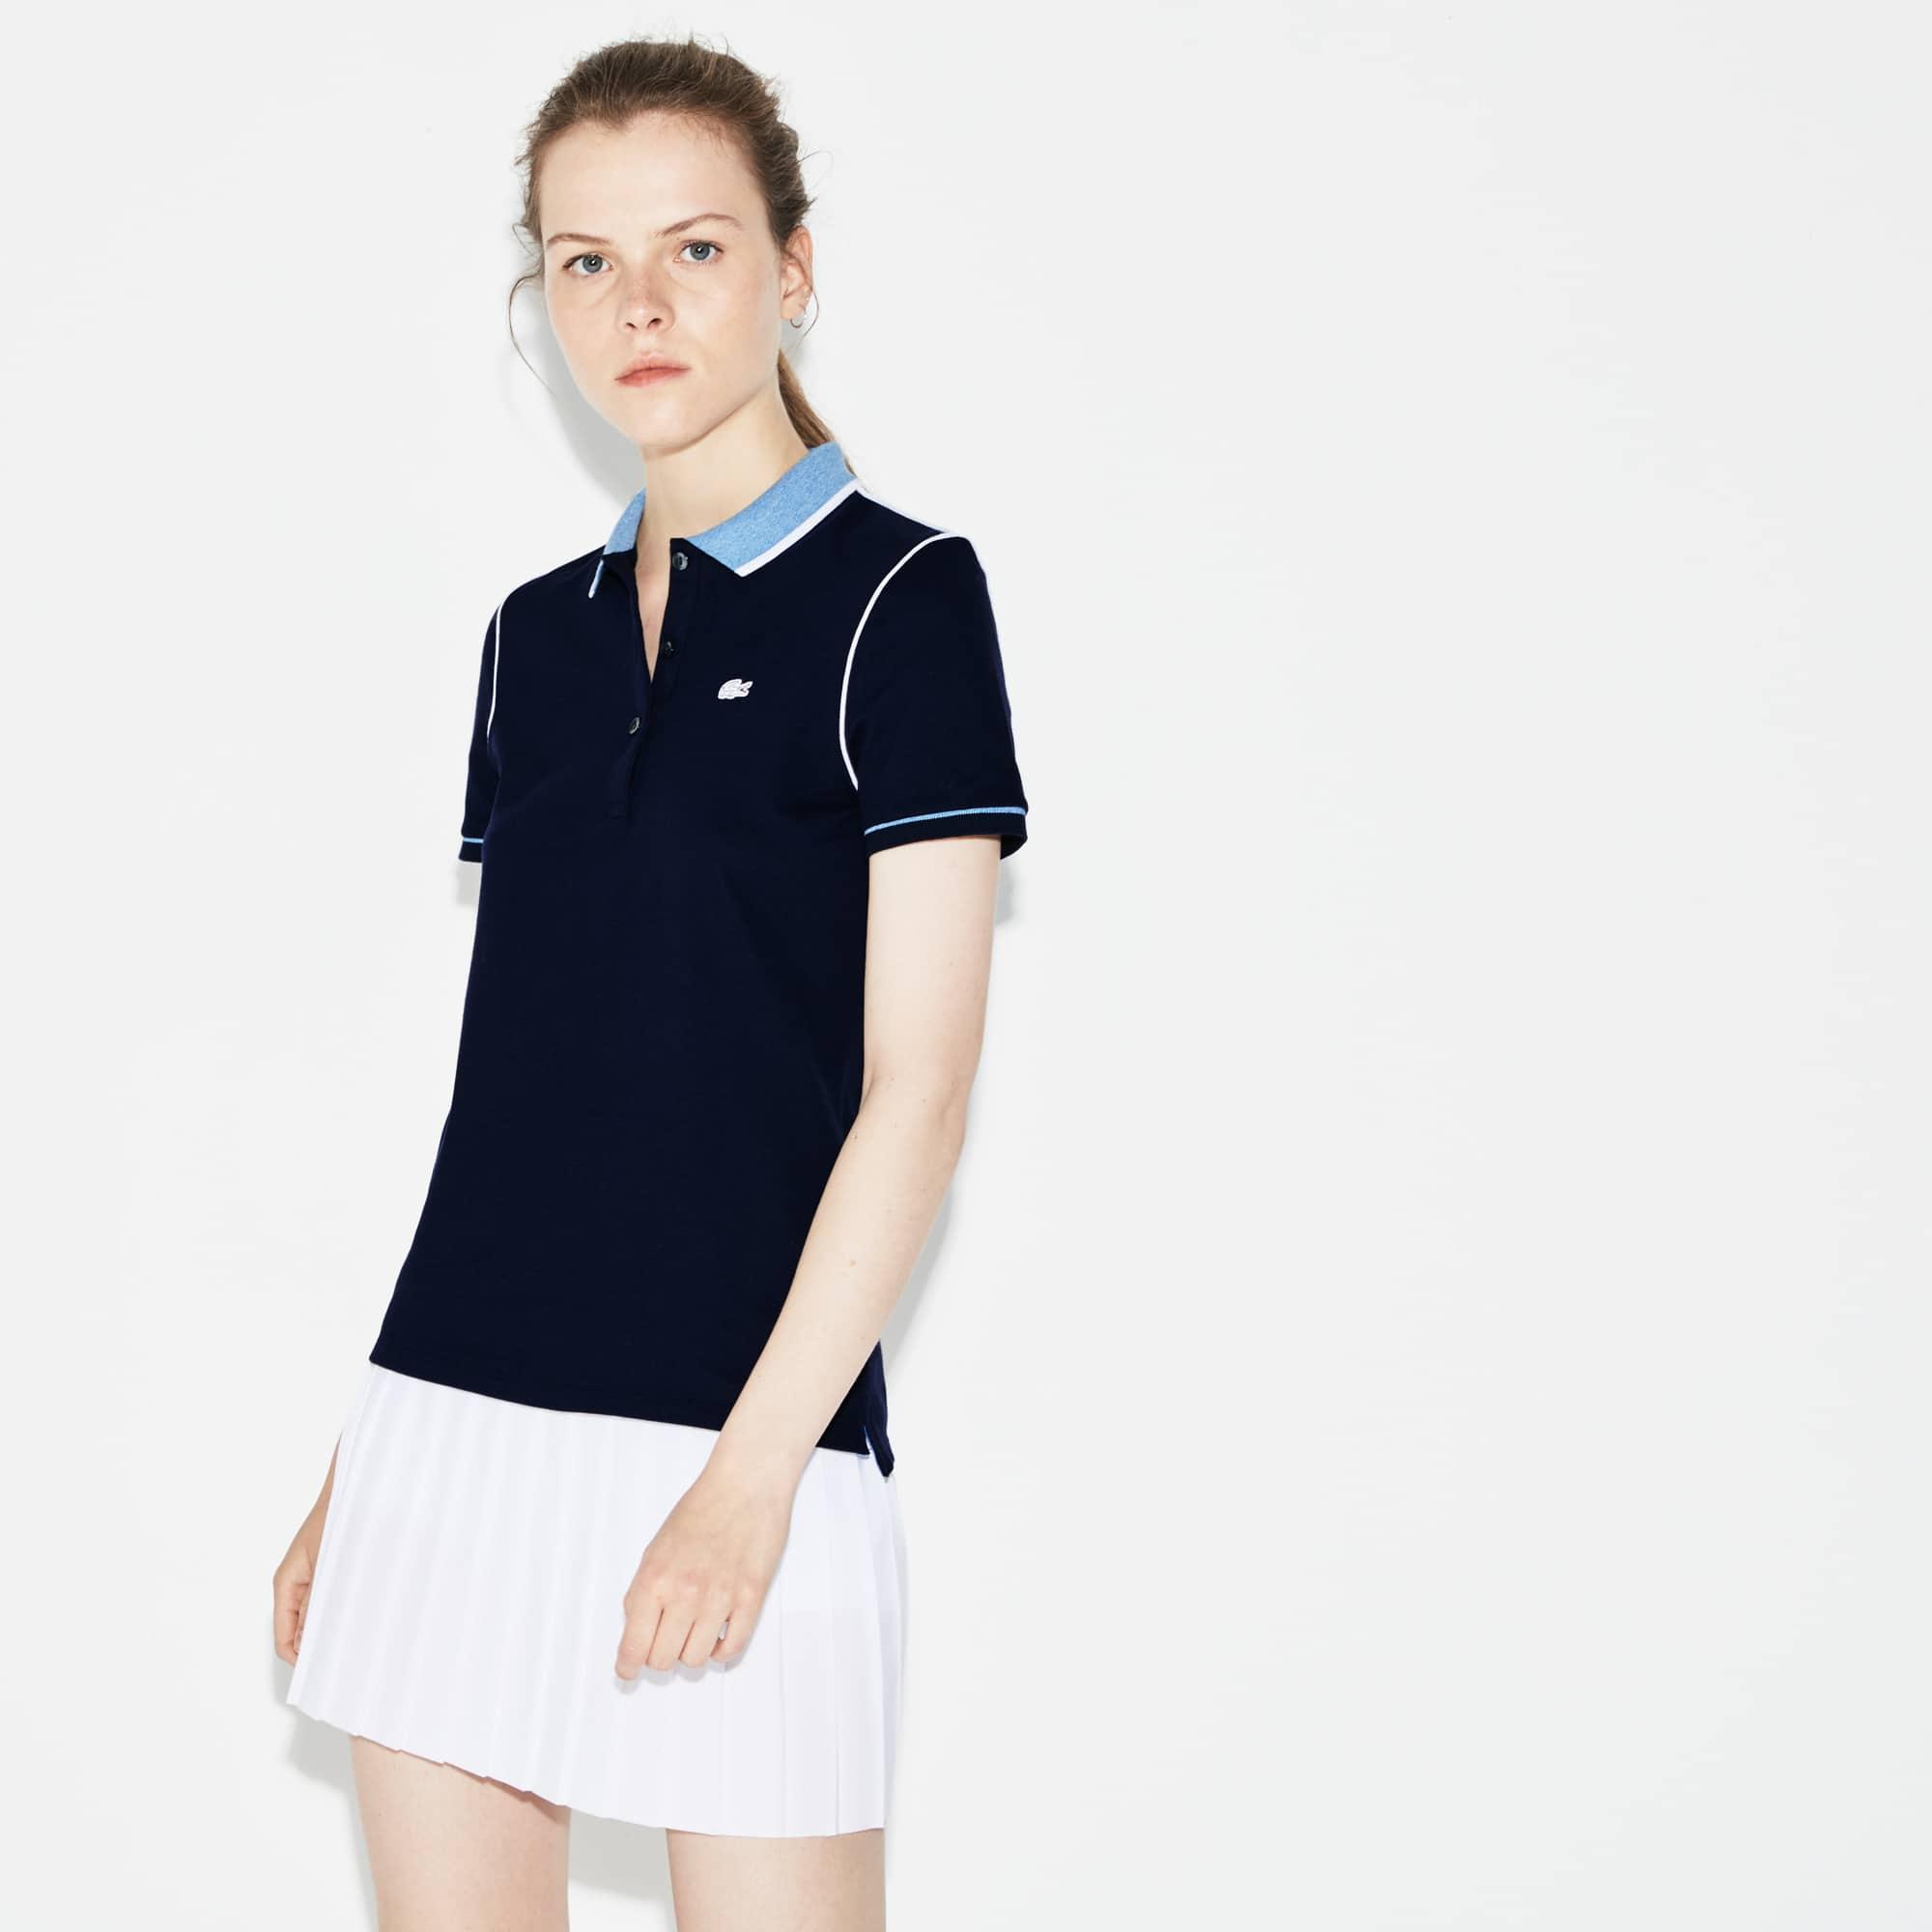 Polo Lacoste SPORT de mini piqué elástico Edición Roland Garros